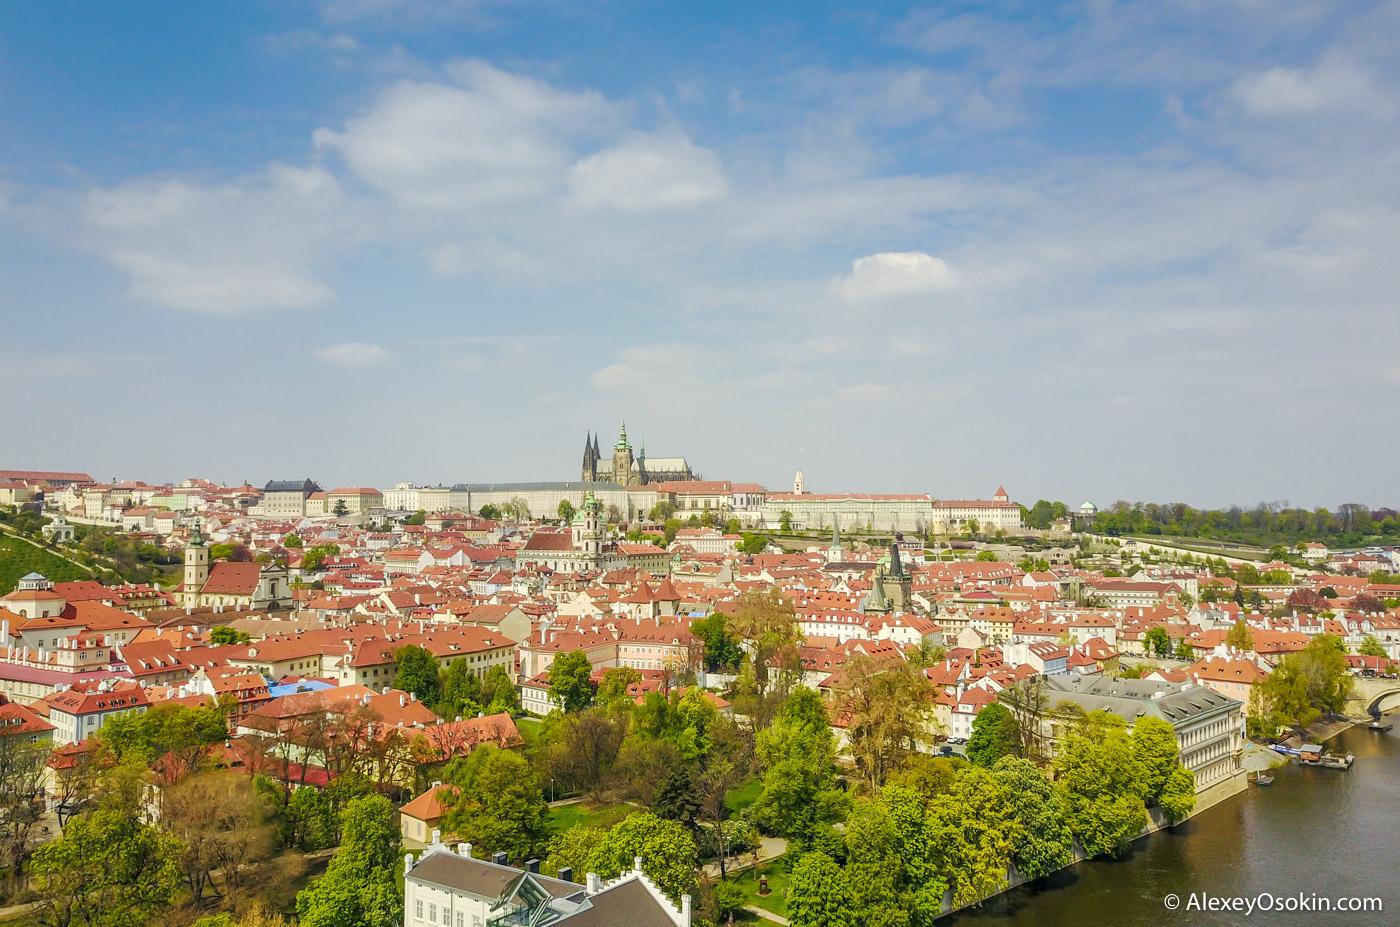 Прага c высоты птичьего полета. Рай для владельцев дронов.